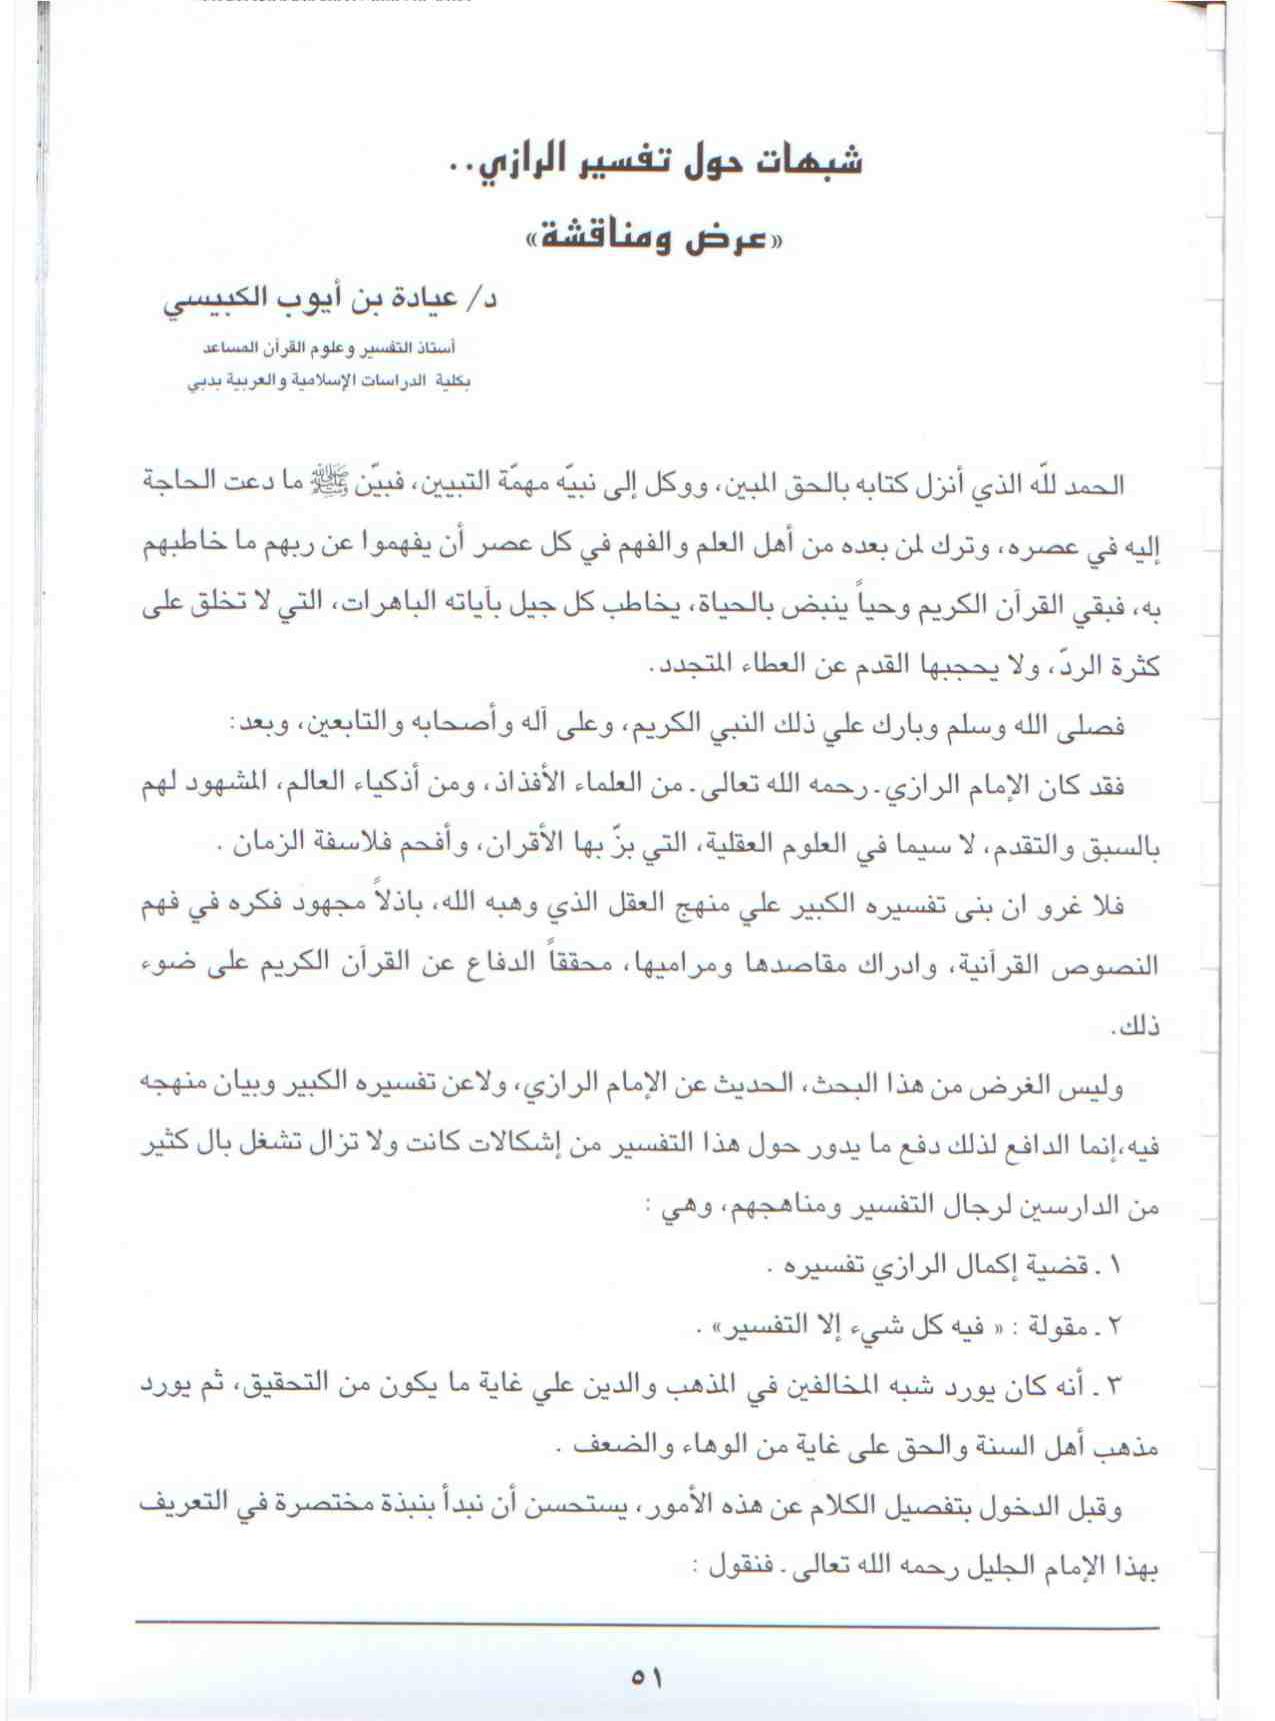 تحميل كتاب شبهات حول تفسير الرازي (عرض ومناقشة) لـِ: الدكتور عيادة بن أيوب الكبيسي